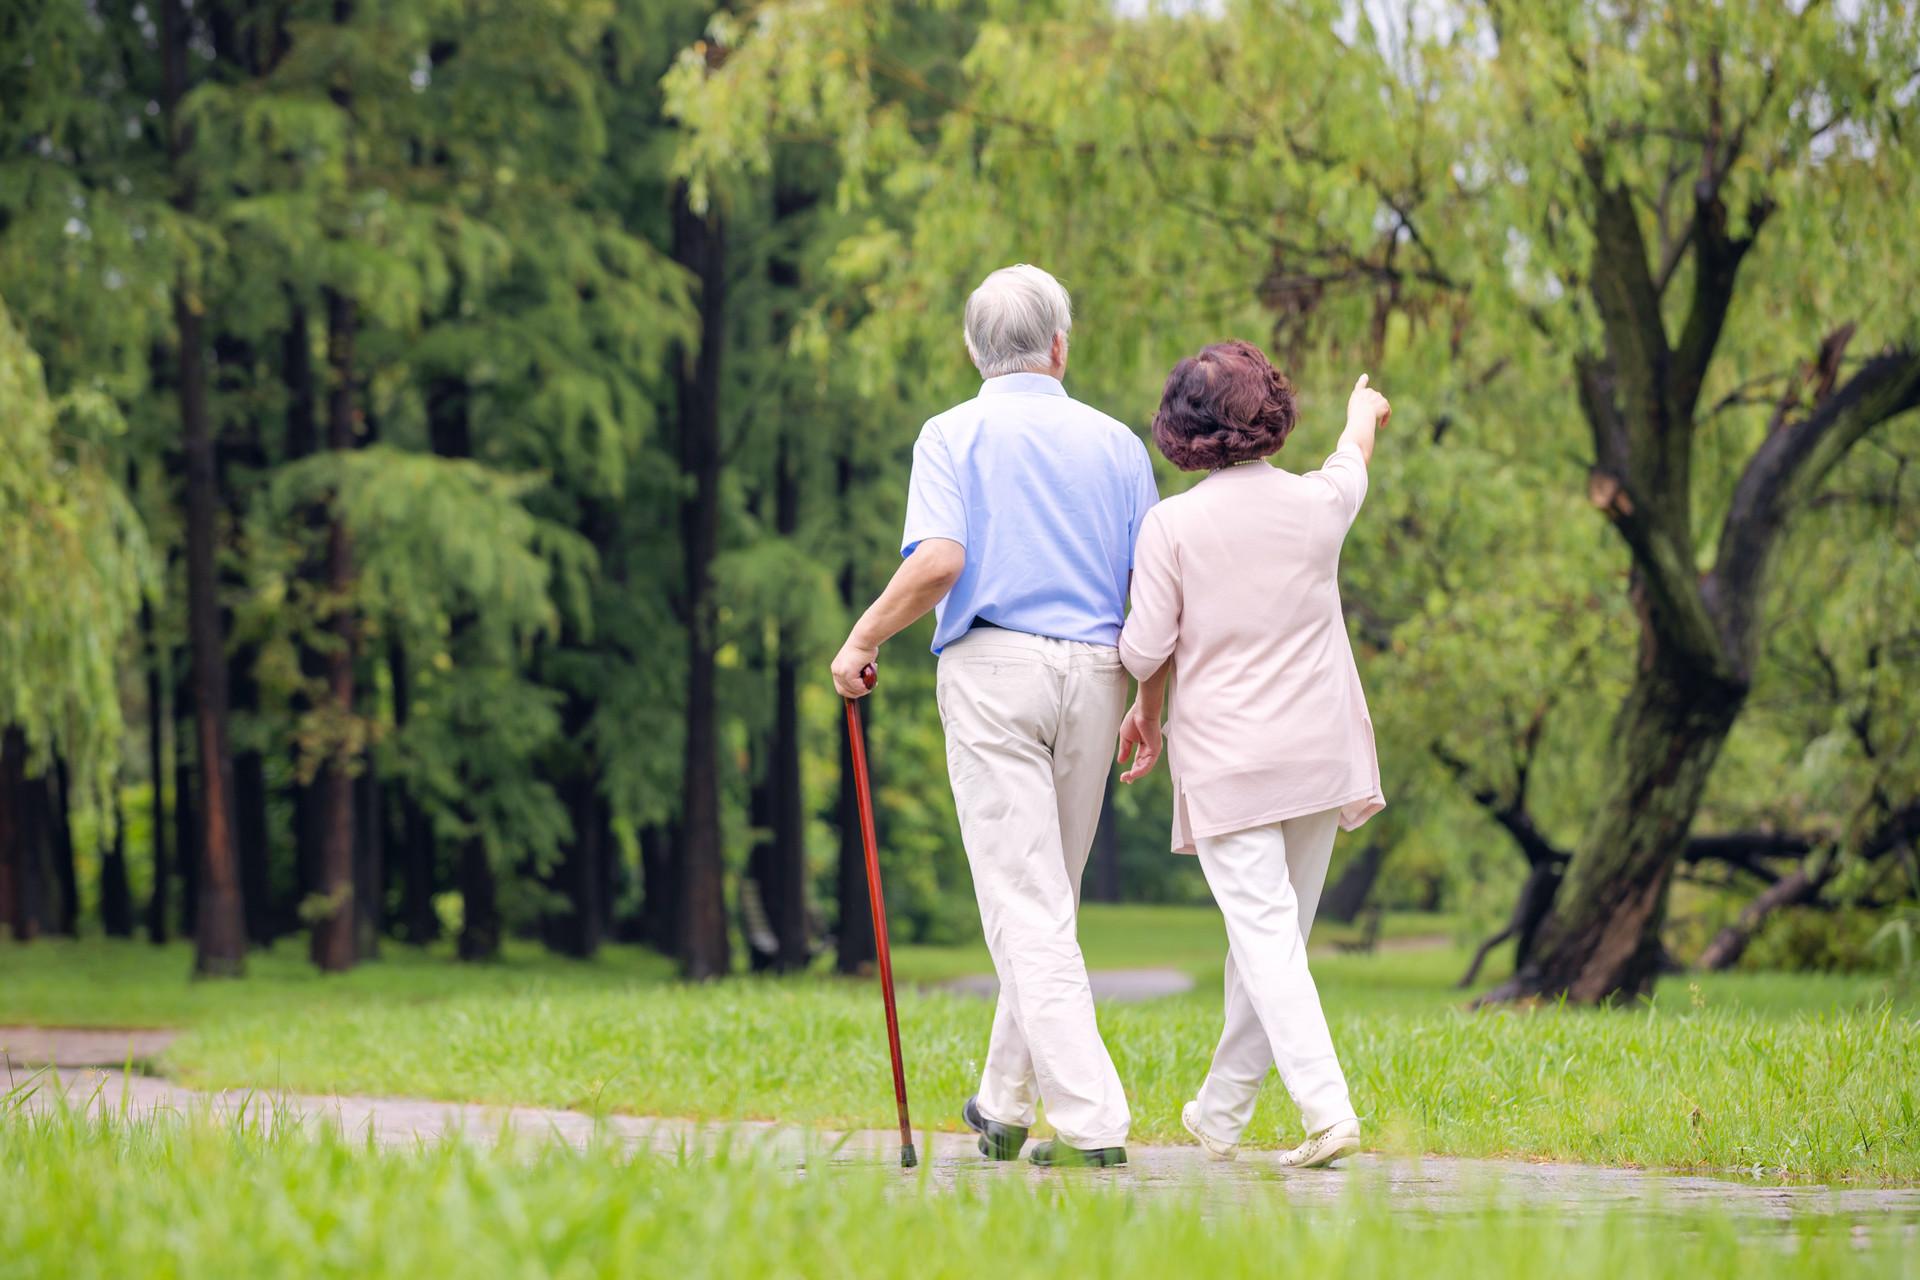 天河明郡 人生的境界,就是对家人爱的犒赏。-中国网地产